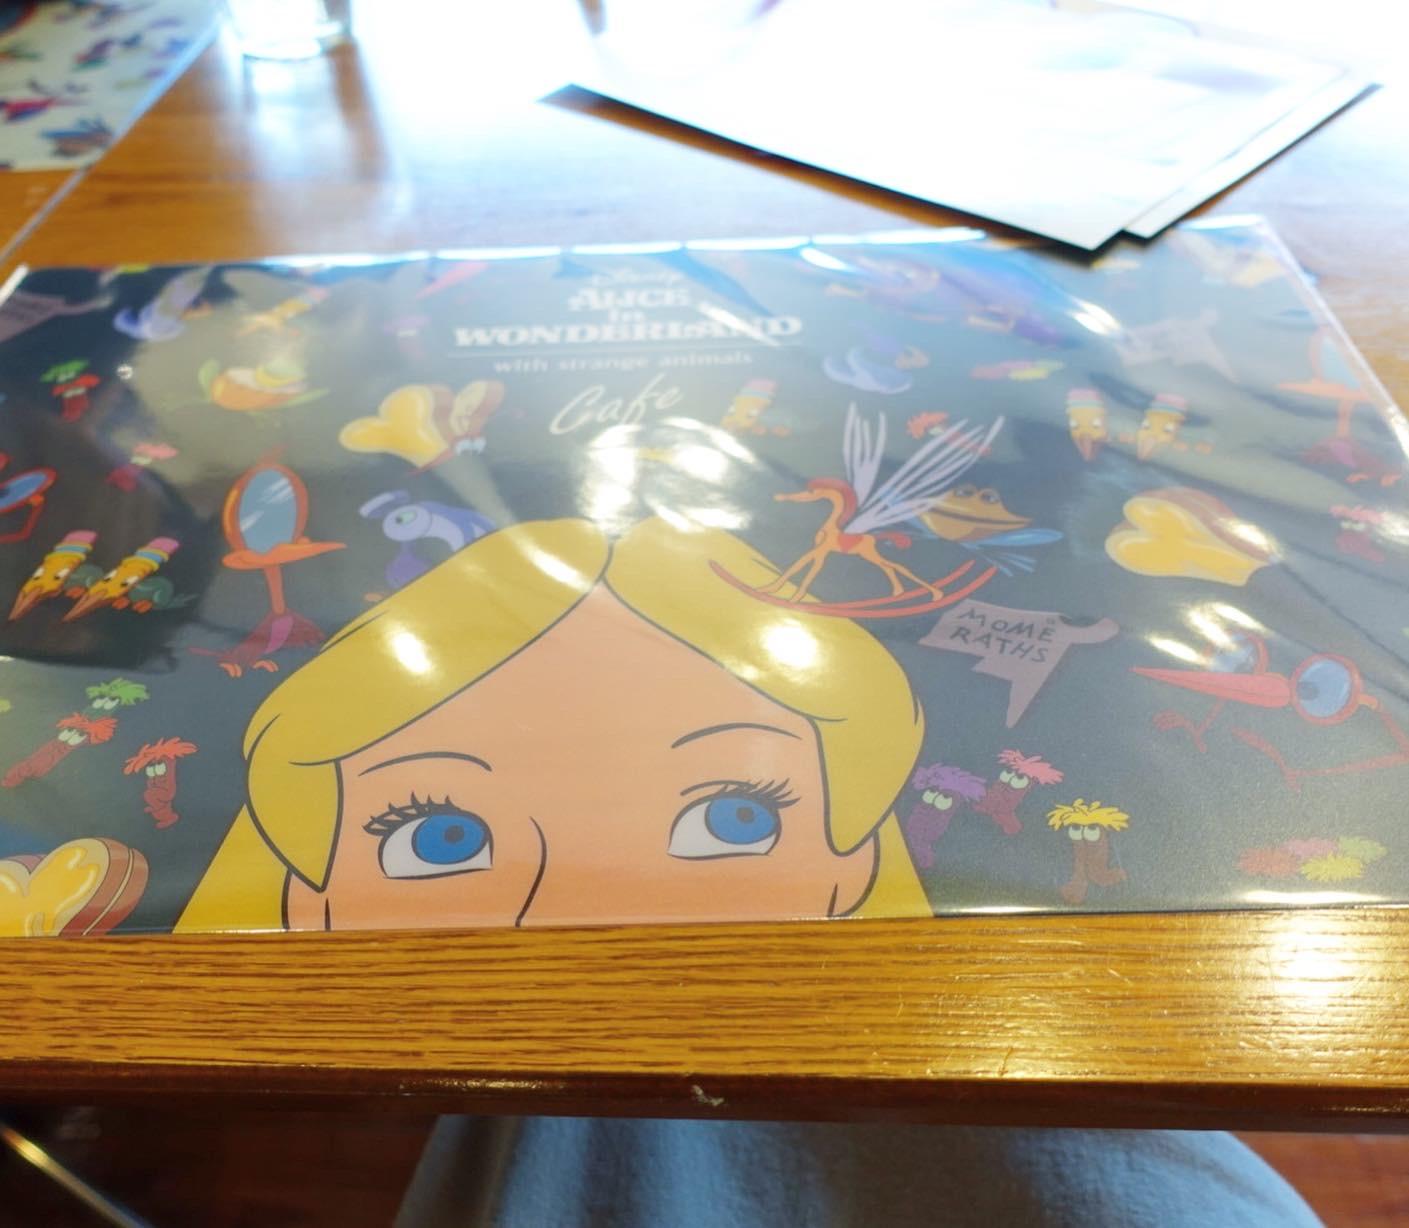 ふしぎの国のアリス好き必見!ふしぎの国のアリスカフェが大阪で開催中!ヘルシーメニュー満載の「OH MY CAFE」でアリスの世界観を堪能できちゃいます★_5